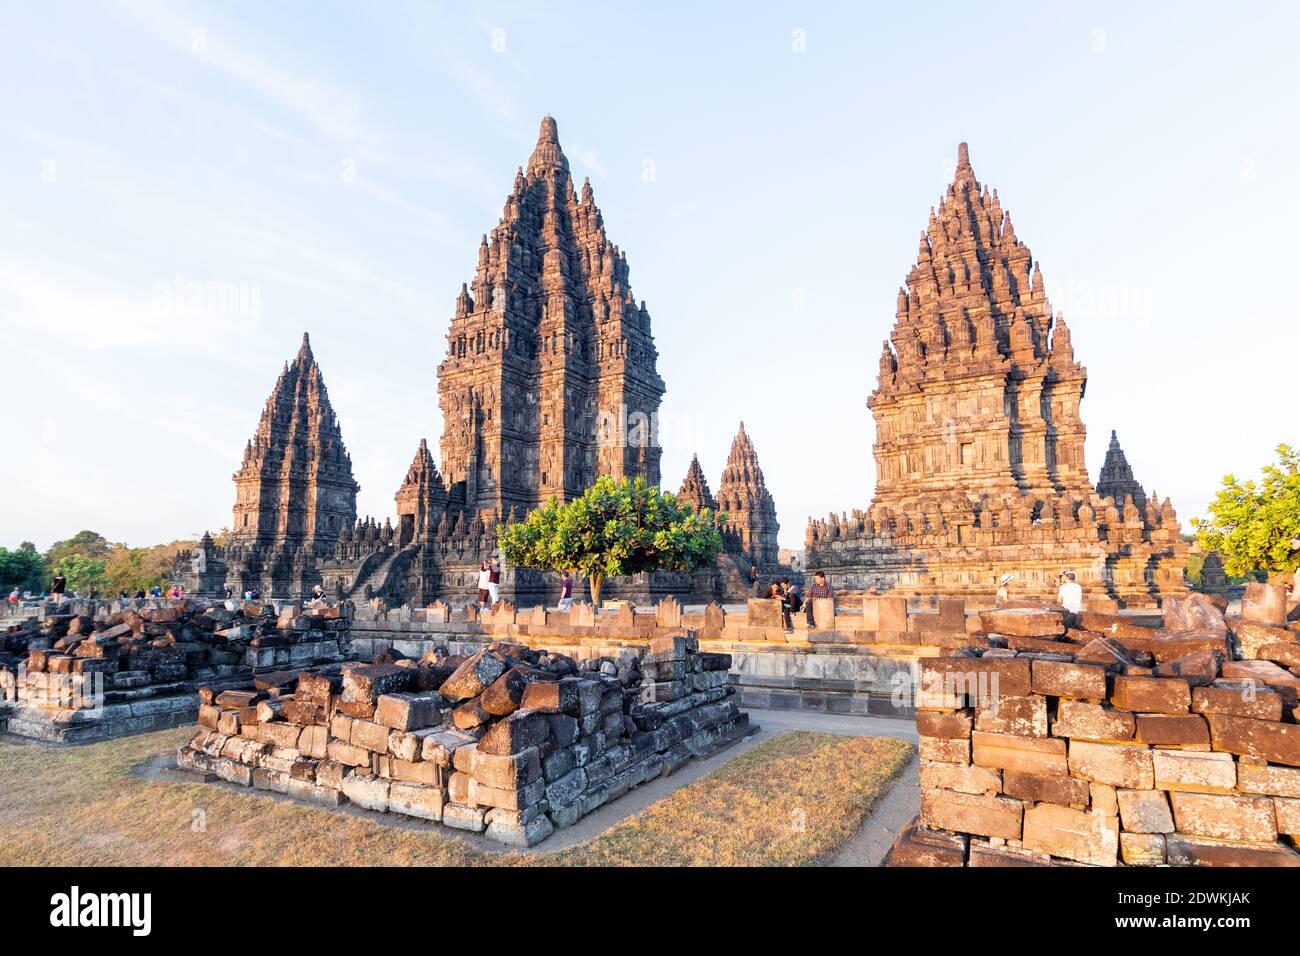 Antiguos templos hindúes en el complejo del Templo Prambanan en Java, Indonesia Foto de stock